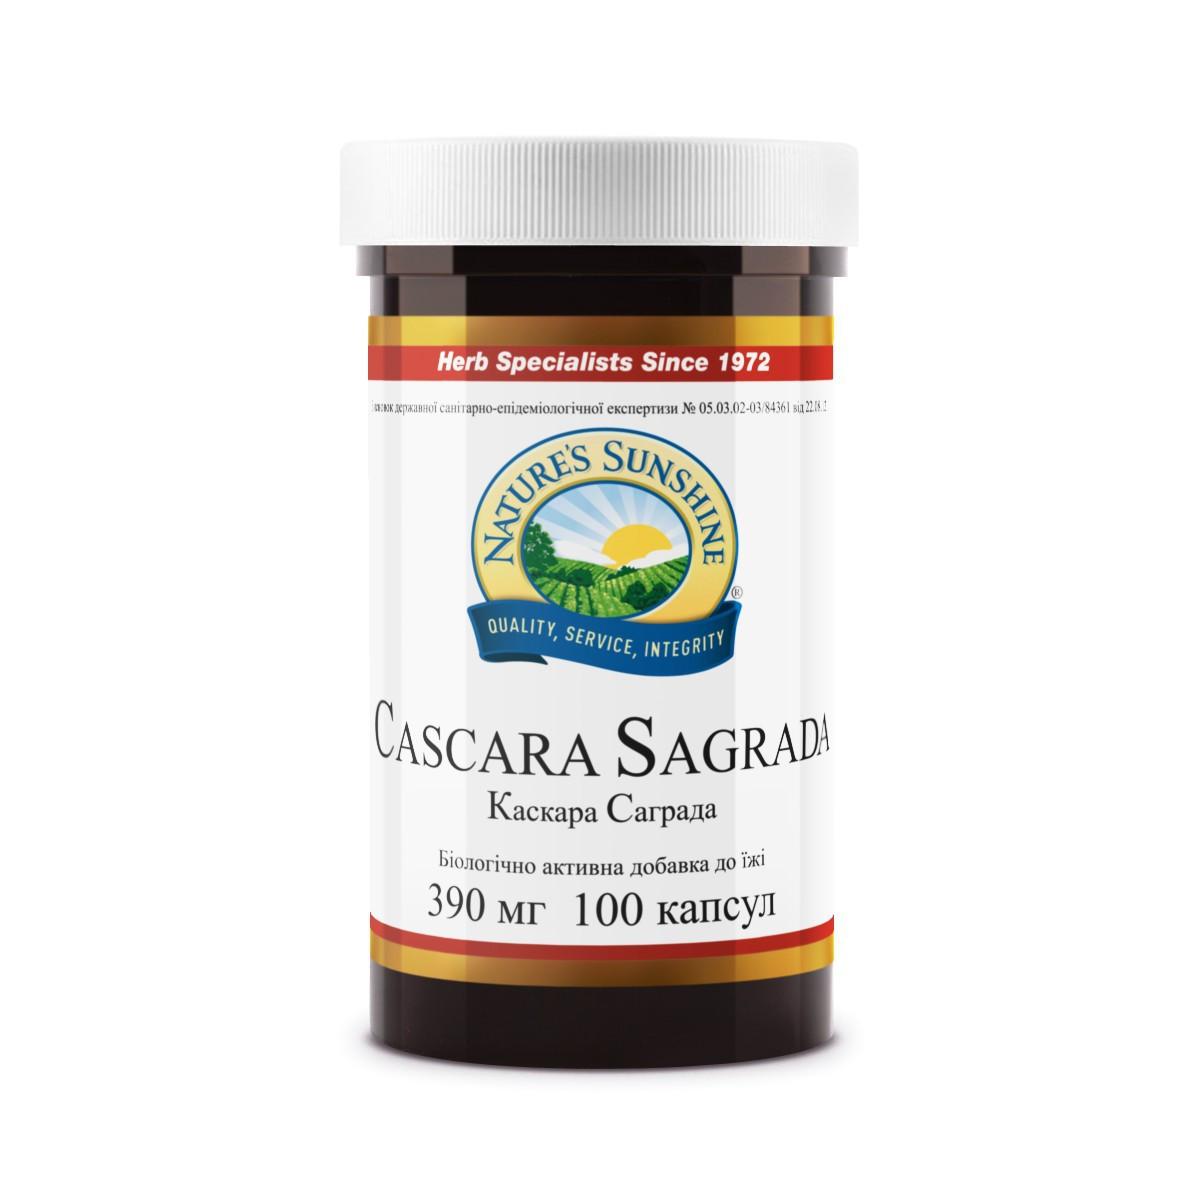 Лучшее слабительное Каскара Саграда. Эффективно  при хронических запорах.100 к США